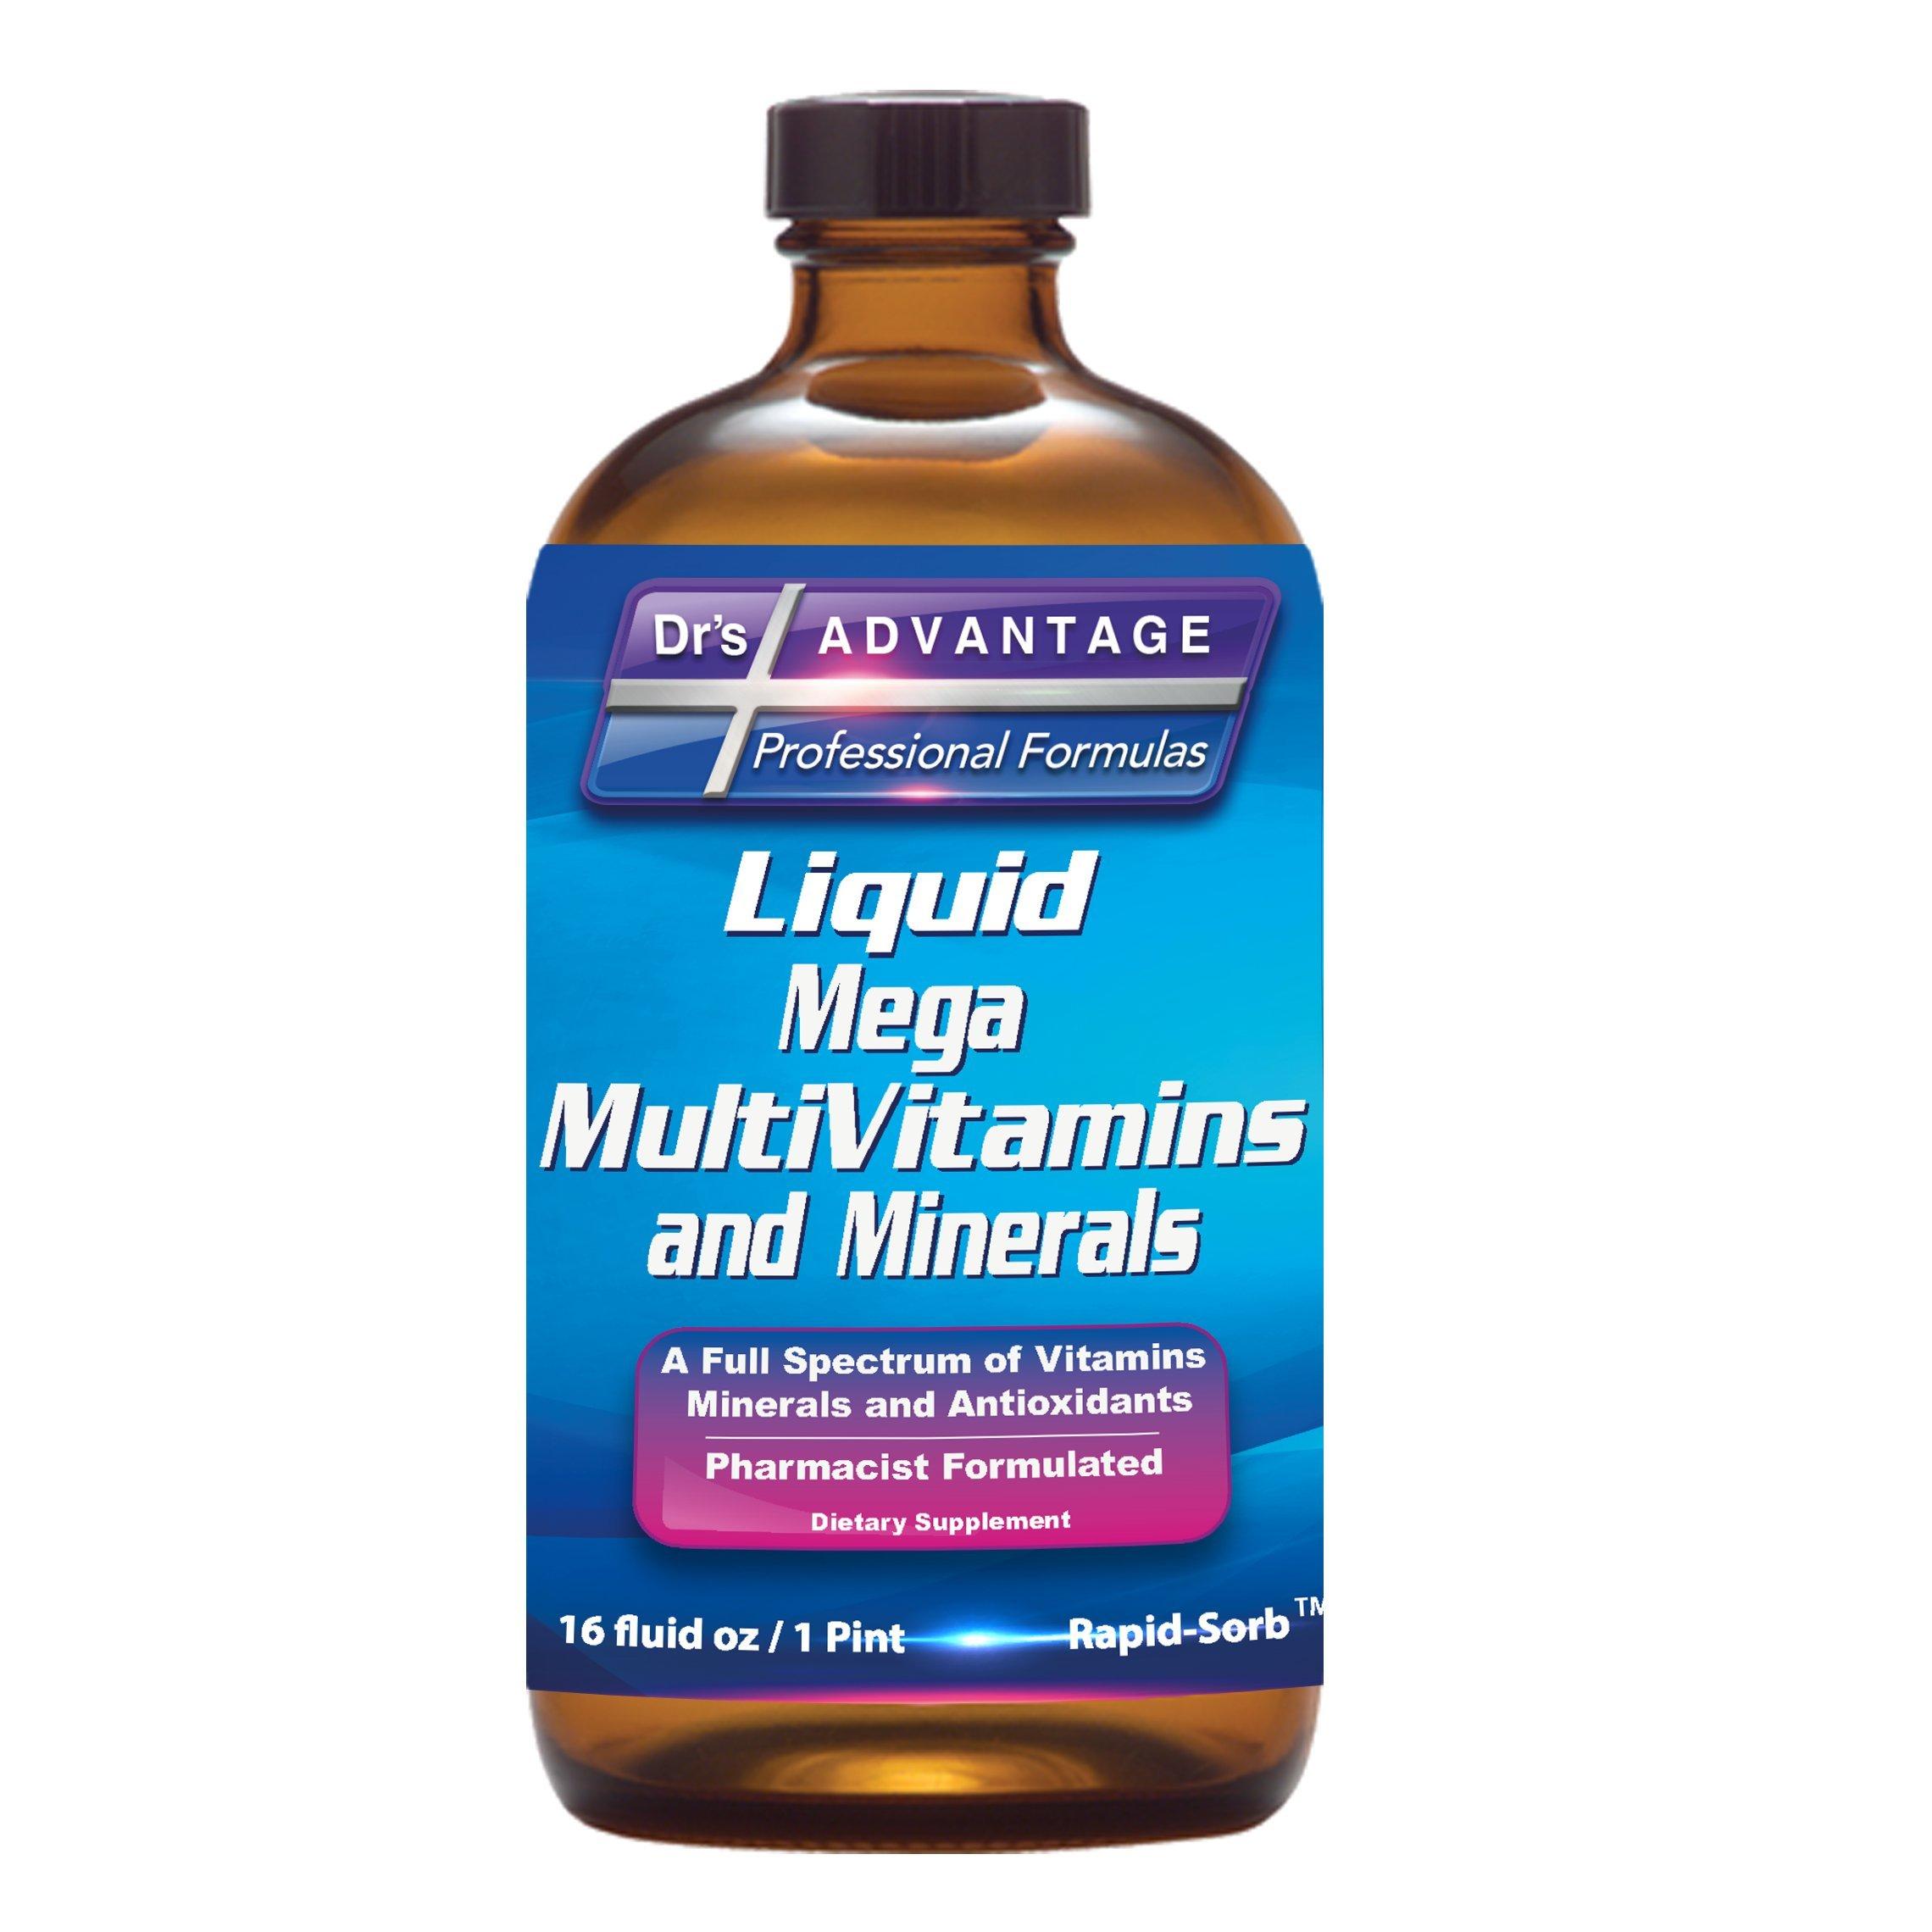 Drs Advantage - Liquid Mega MultiVitamins & Minerals 16oz. [Health and Beauty]